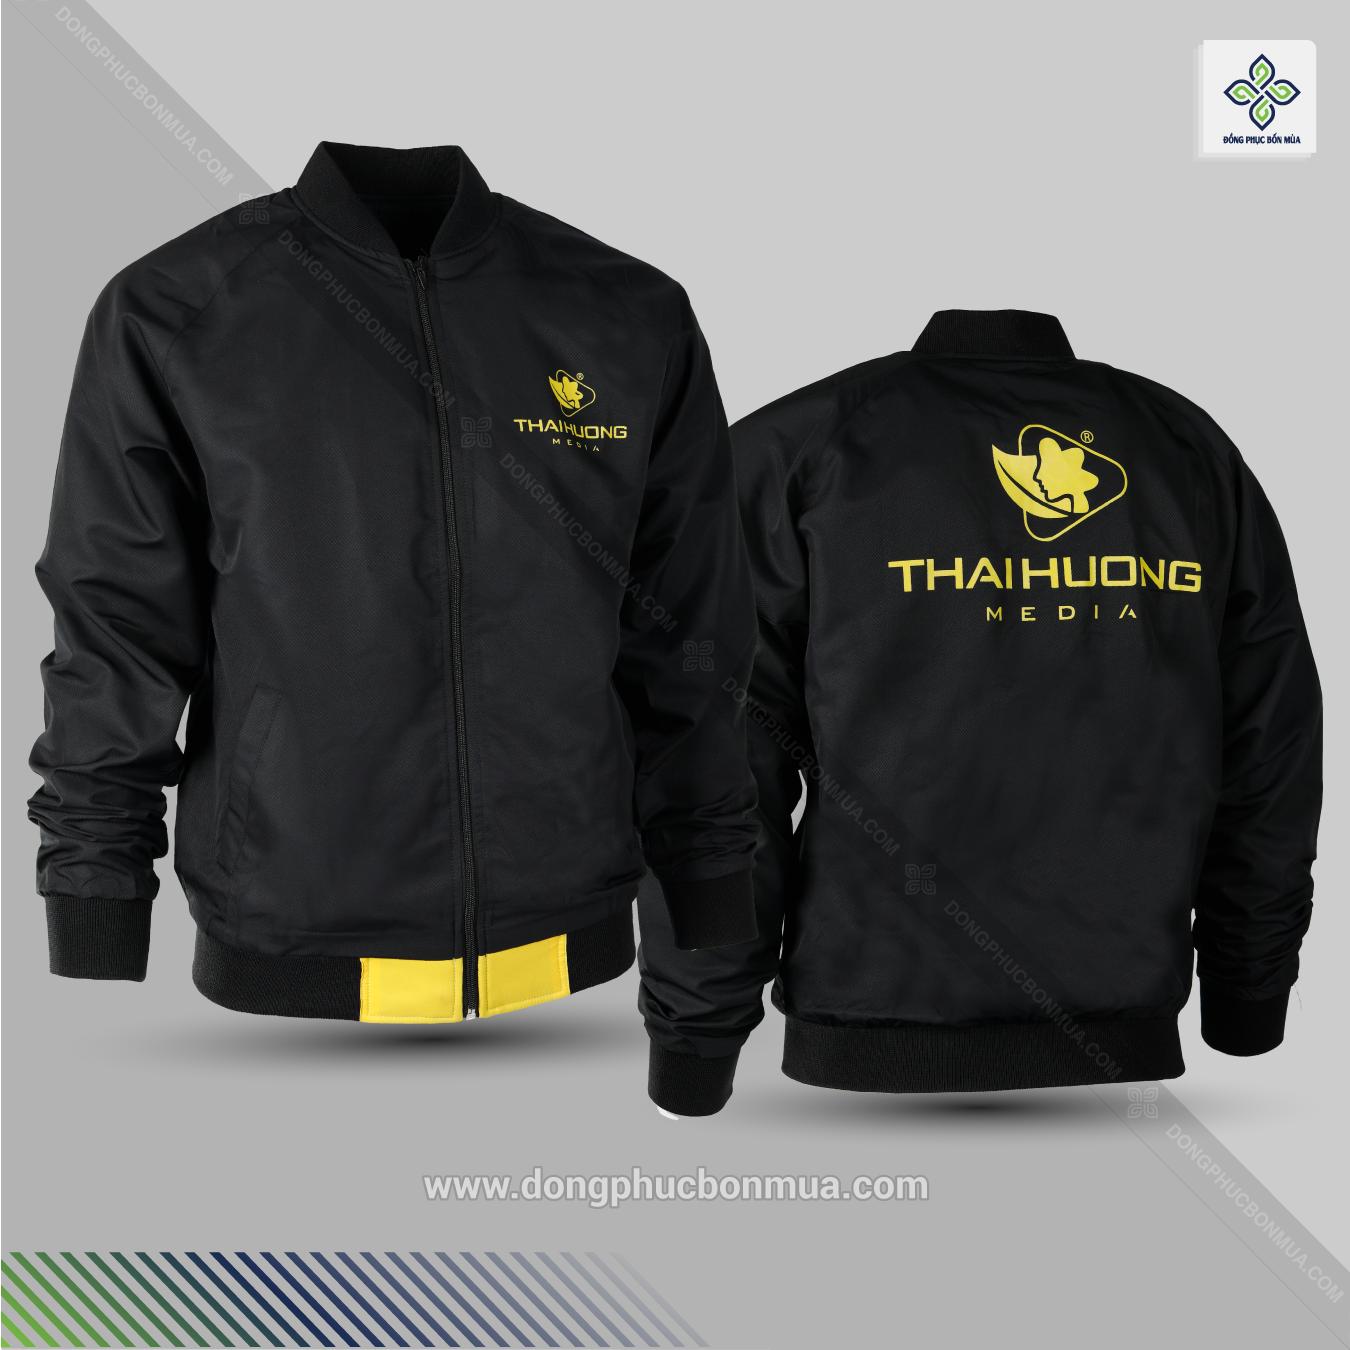 Mẫu đồng phục áo khoác mùa đông có giá trị lớn với doanh nghiệp.